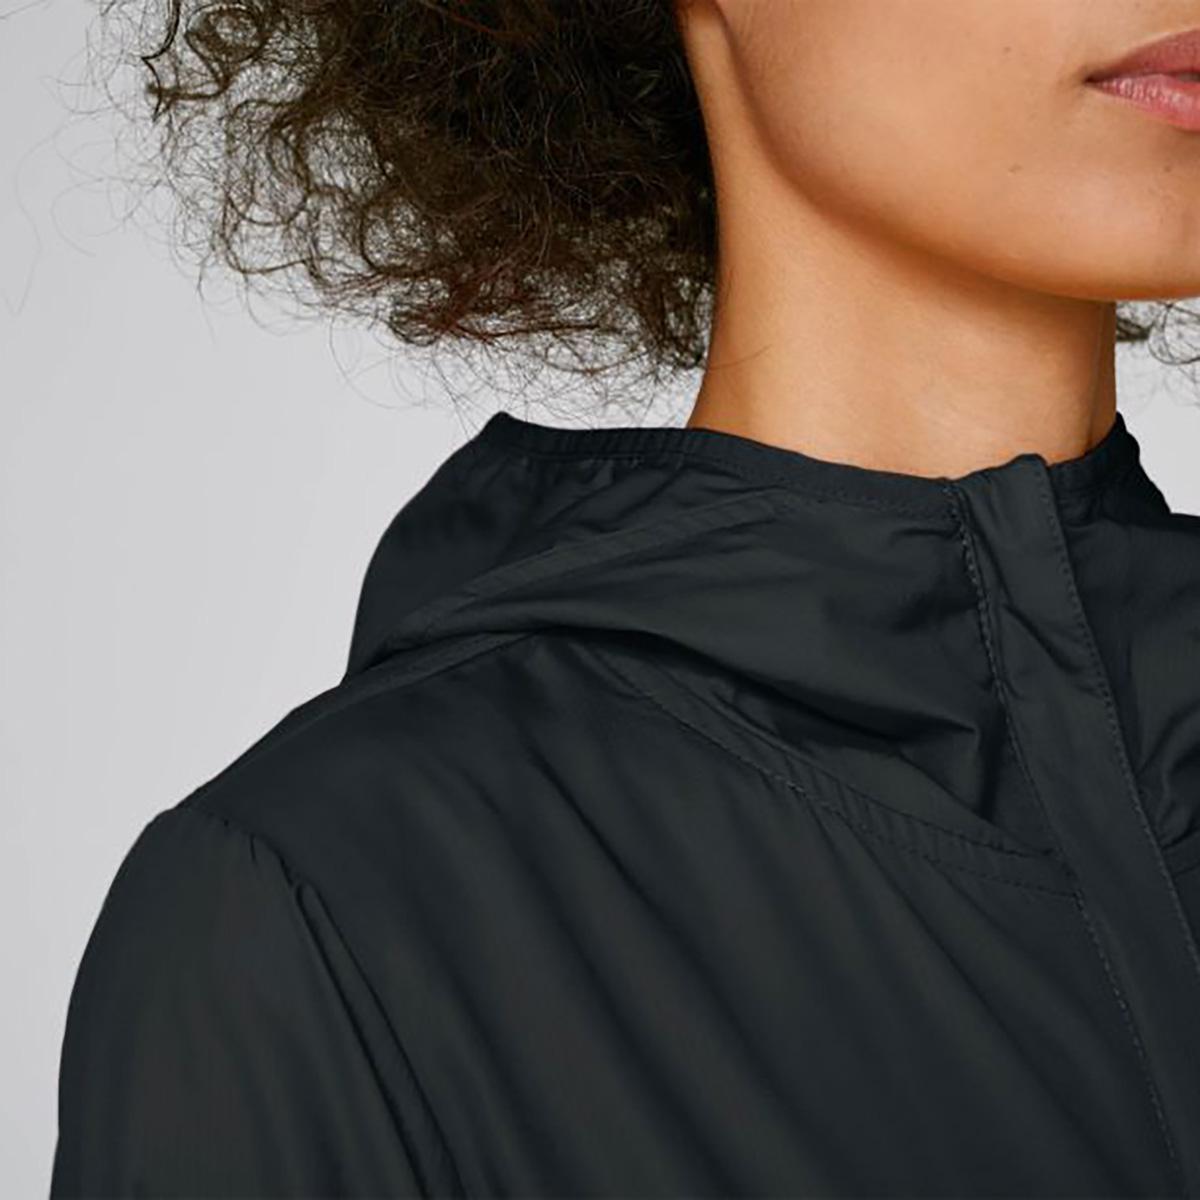 Stanley stella jacket detail